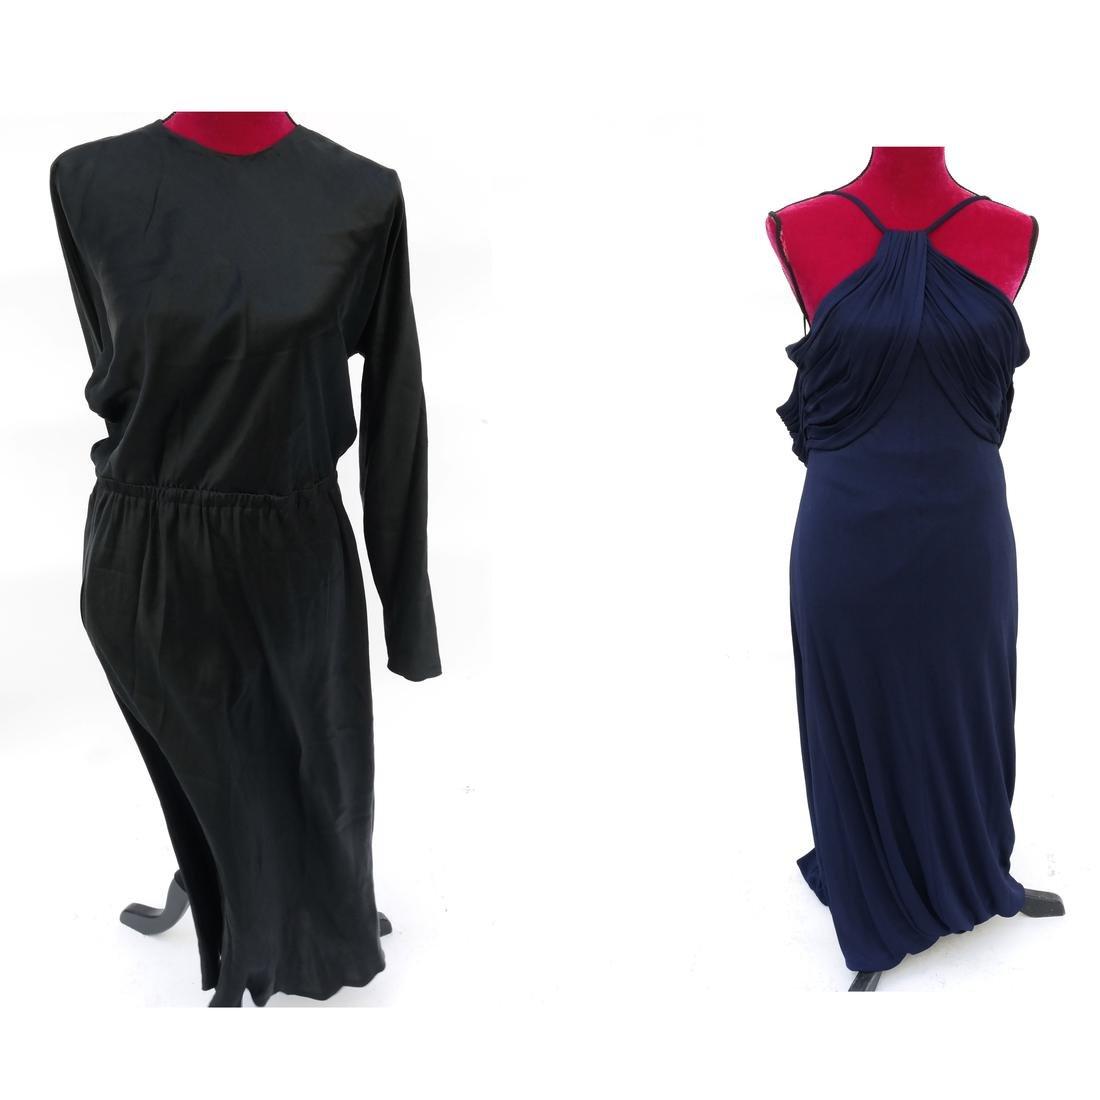 Women's Weinberg & Halston Garments